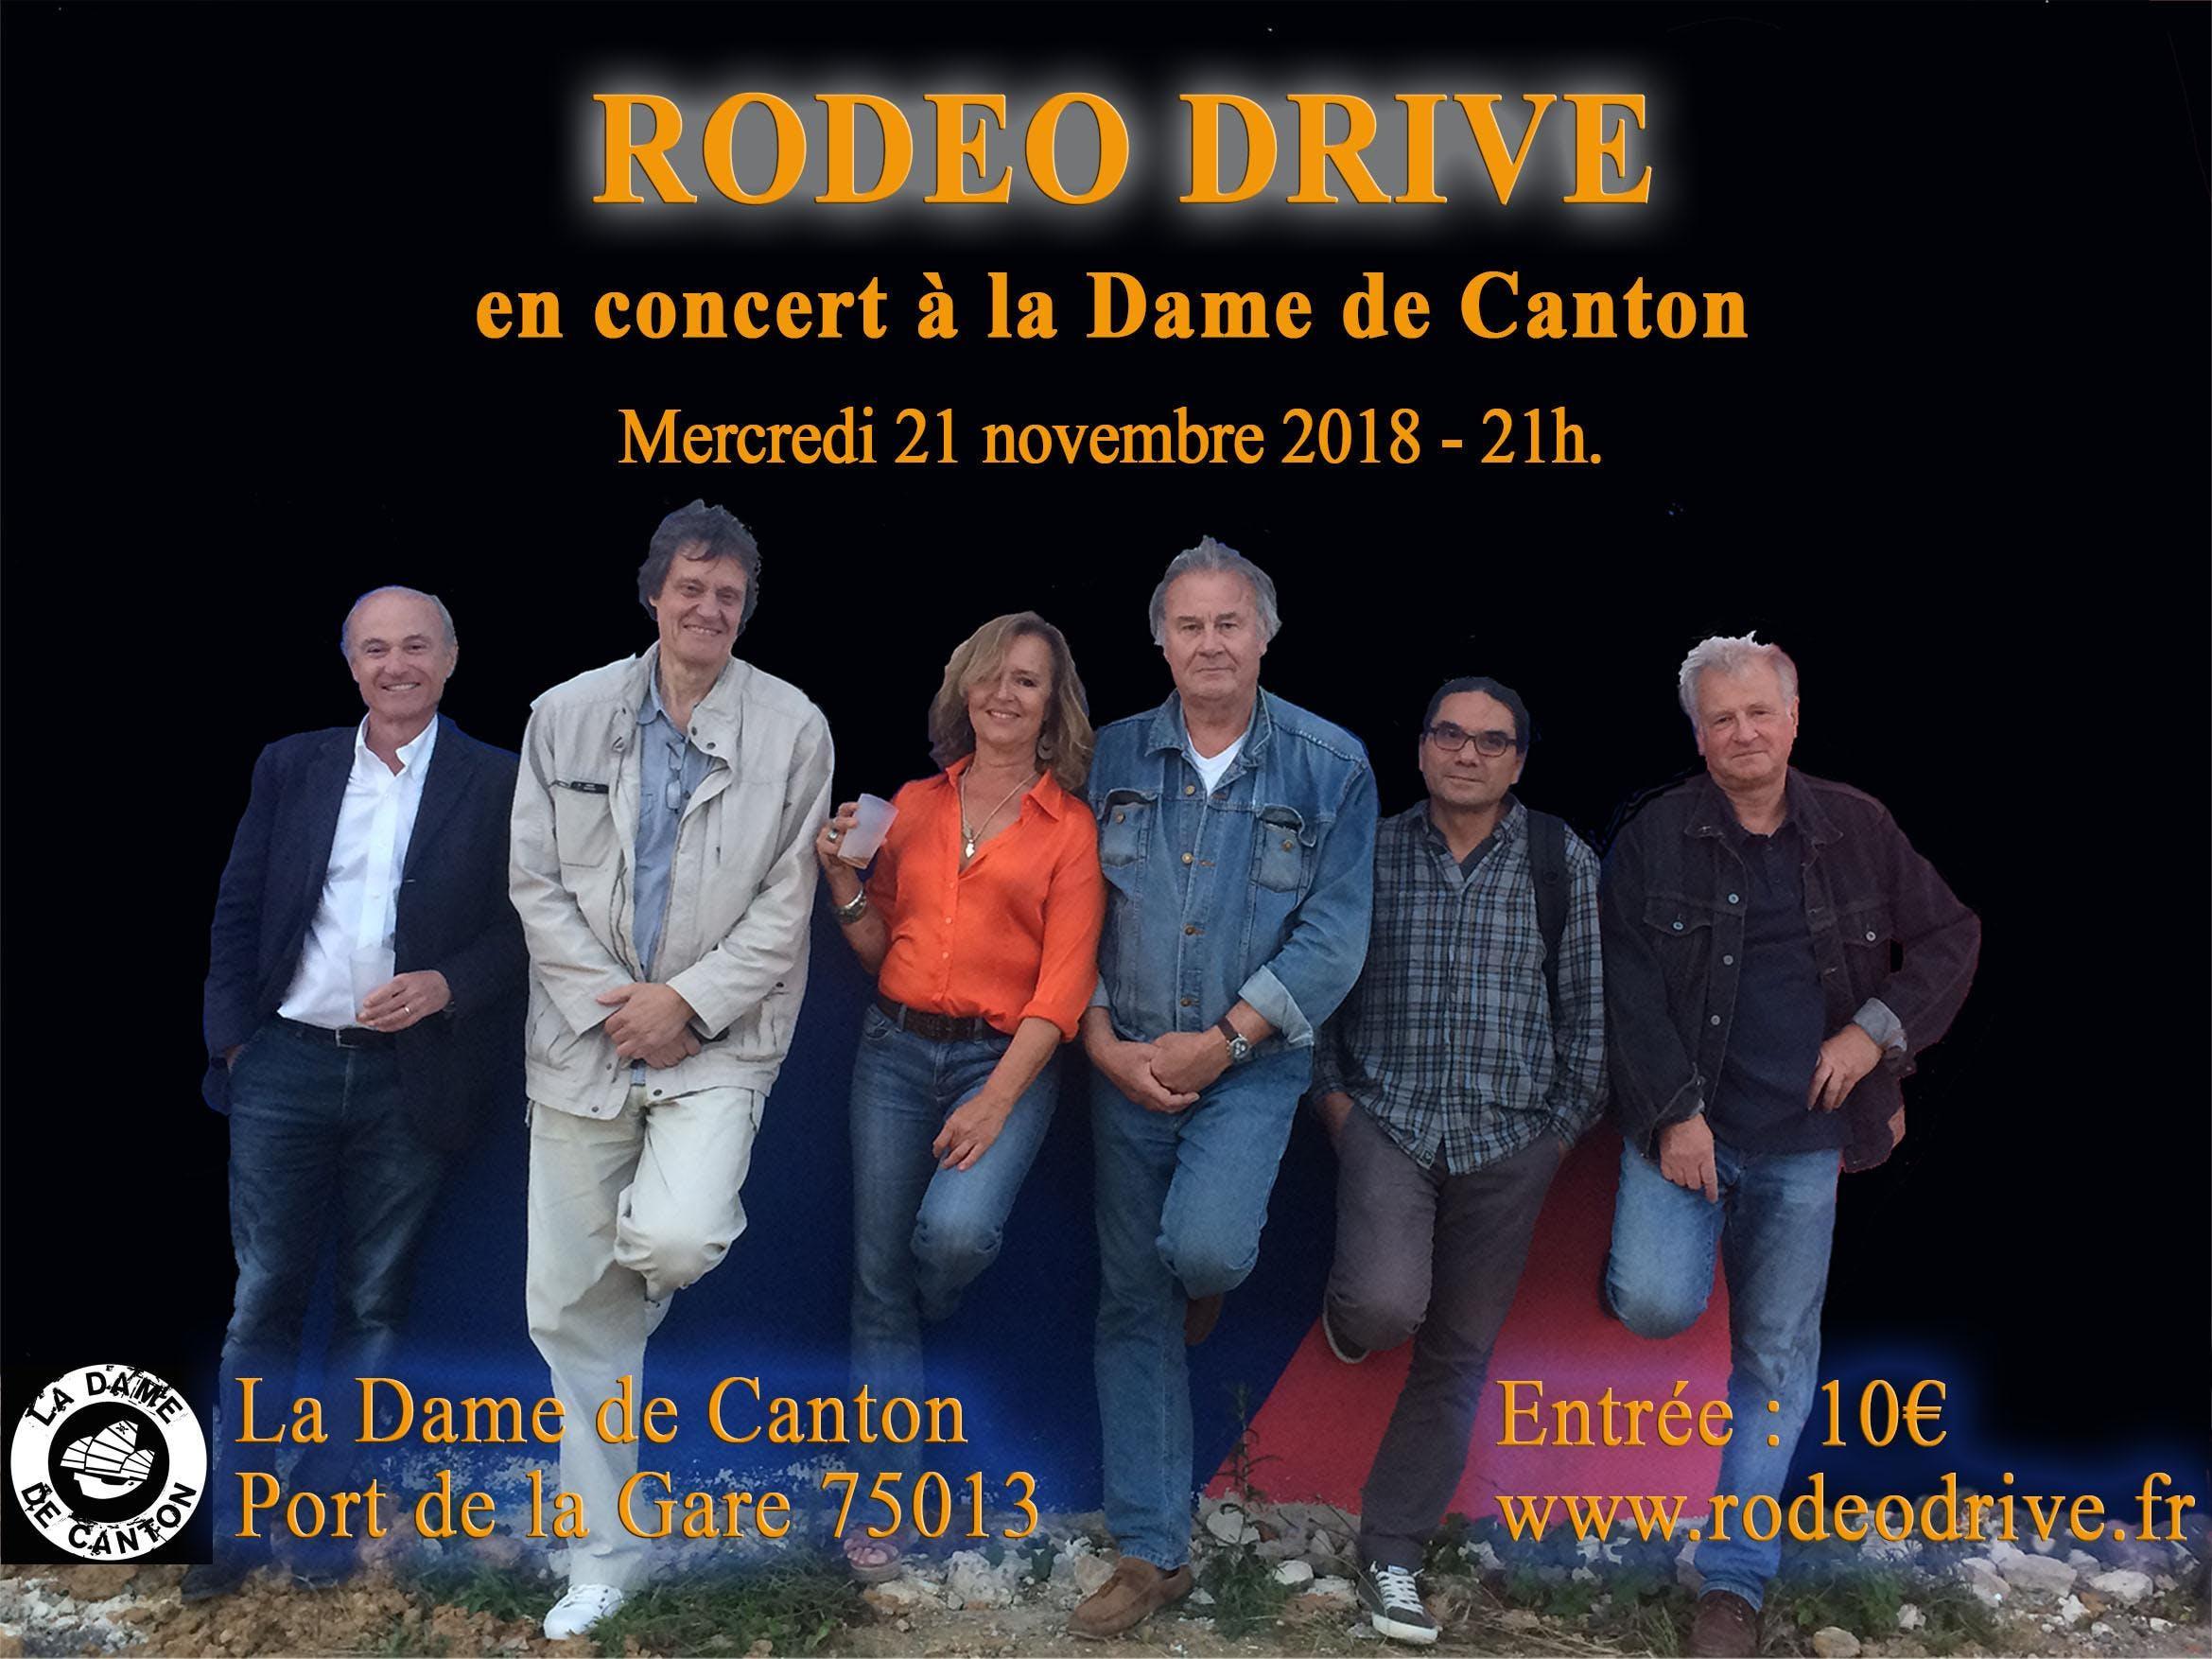 RODEO DRIVE en concert à la Dame de Canton